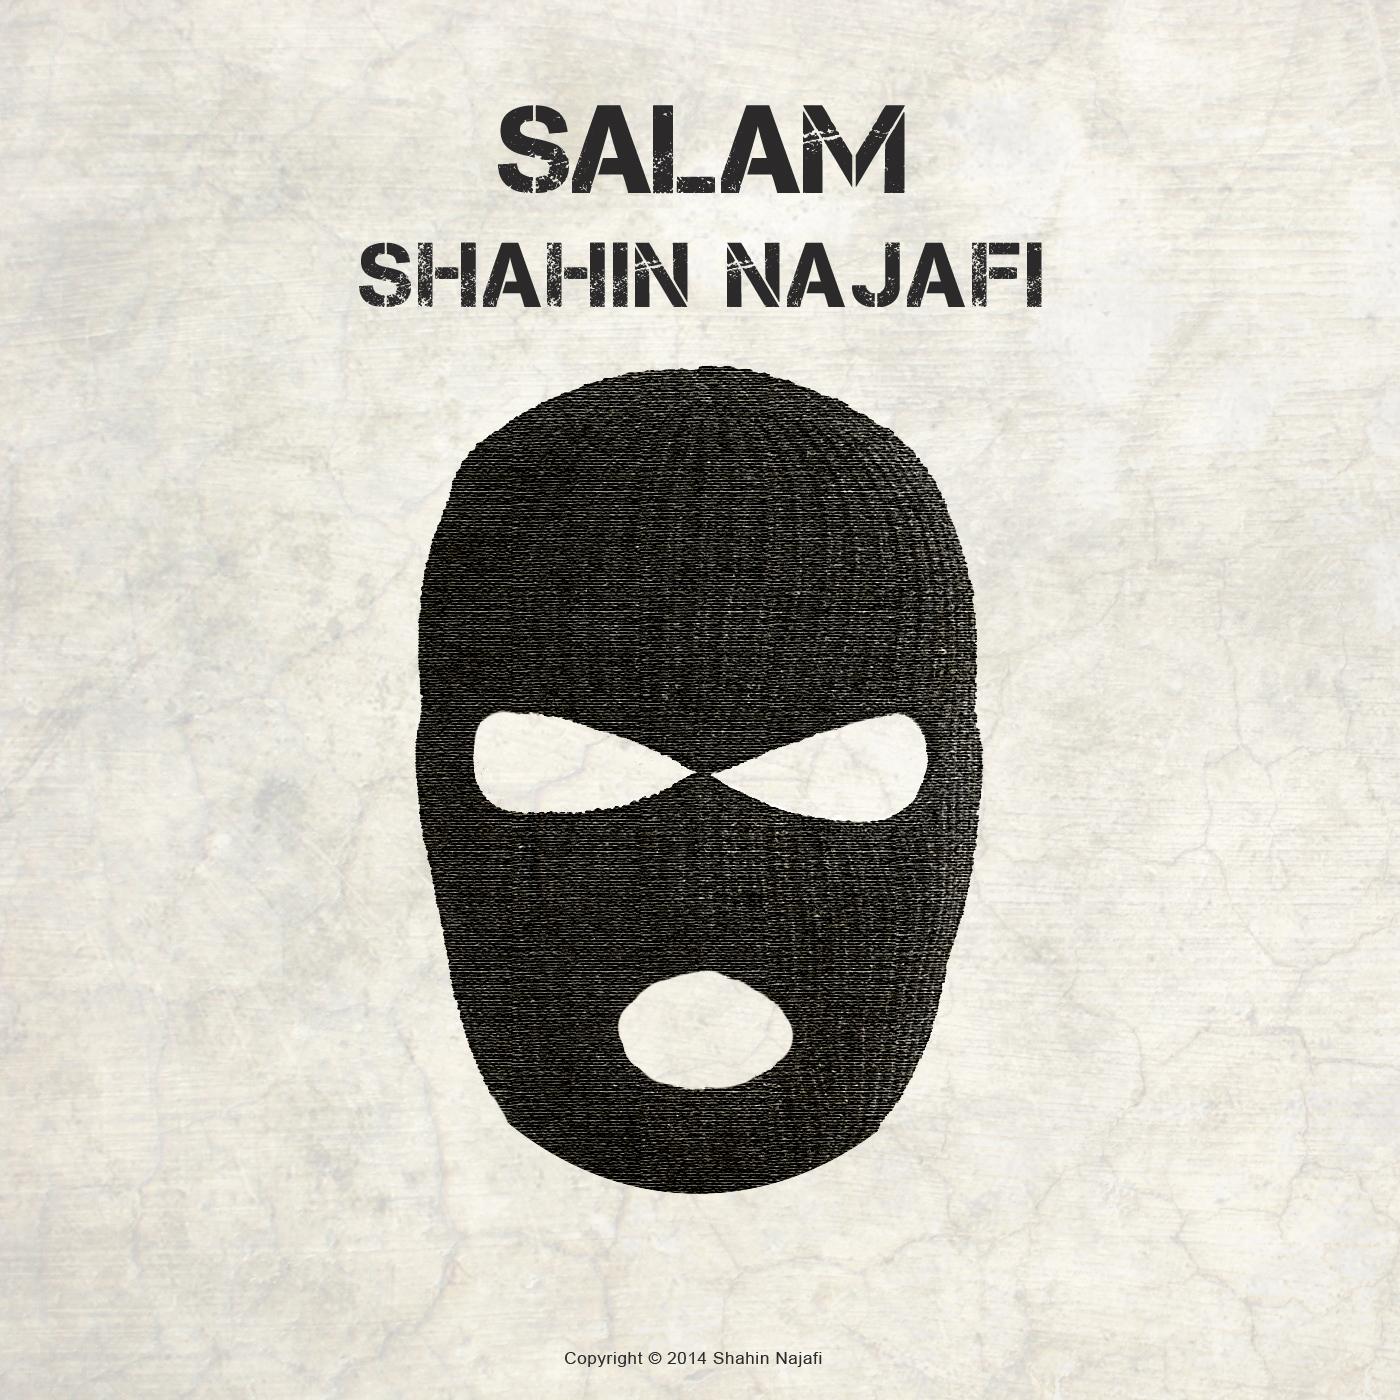 Salam - Shahin Najafi